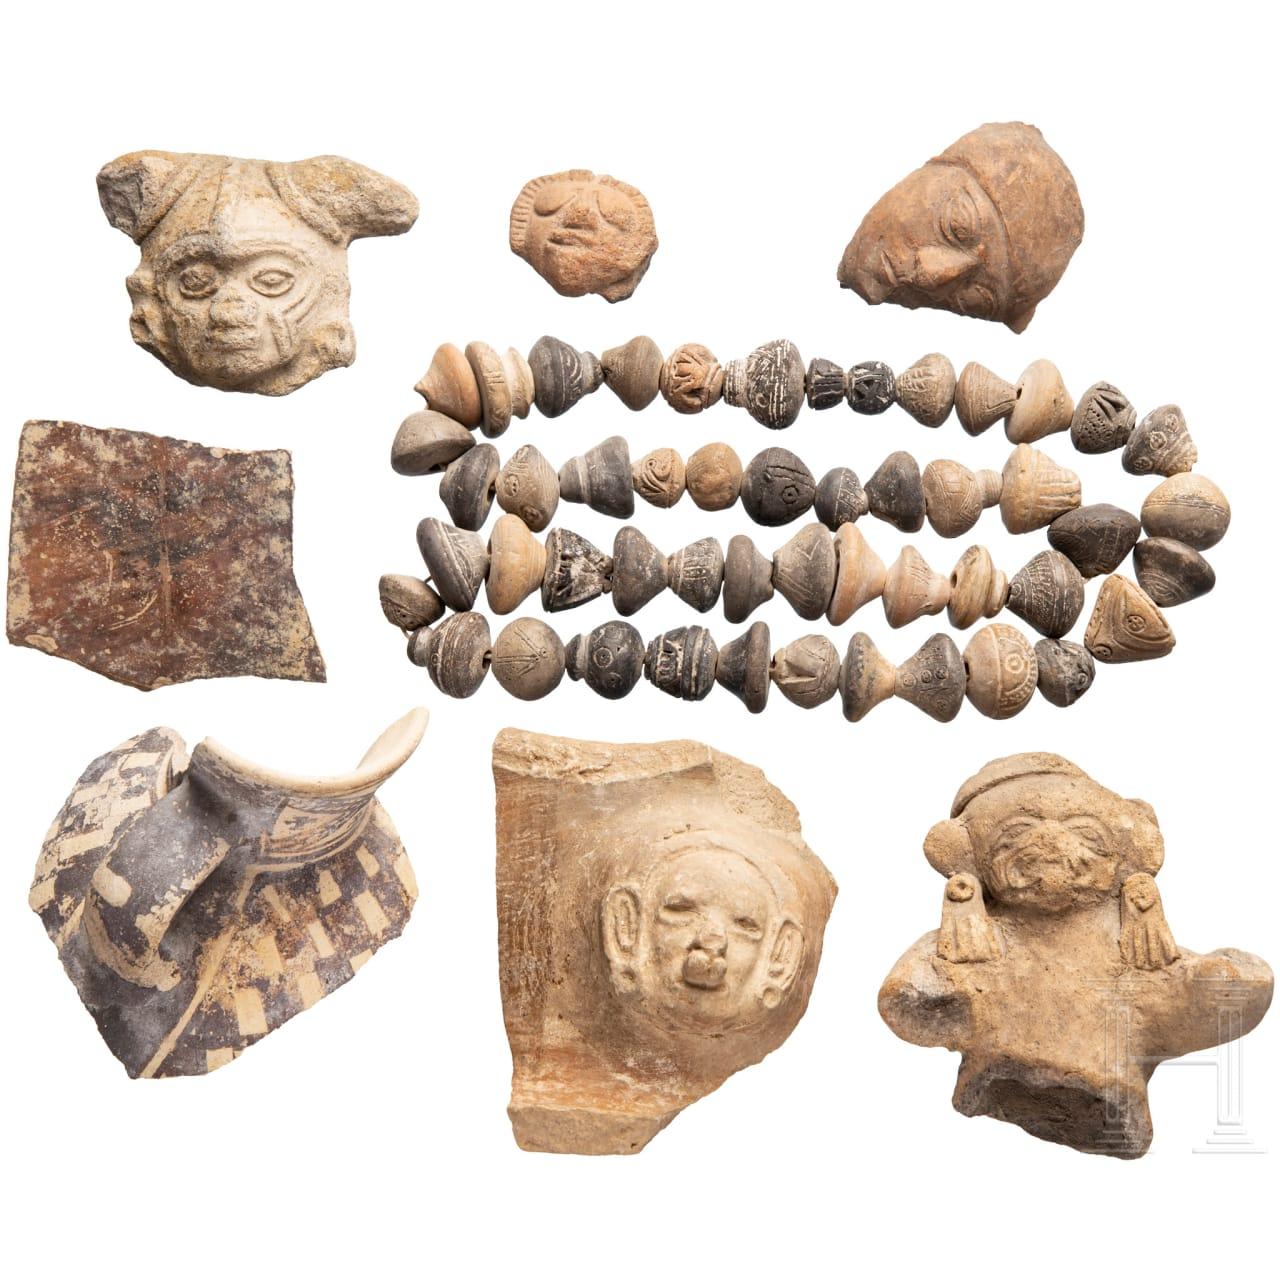 Sieben Keramik- und Terrakottafragmente und eine Kette aus Tonperlen, Südamerika, präkolumbianisch